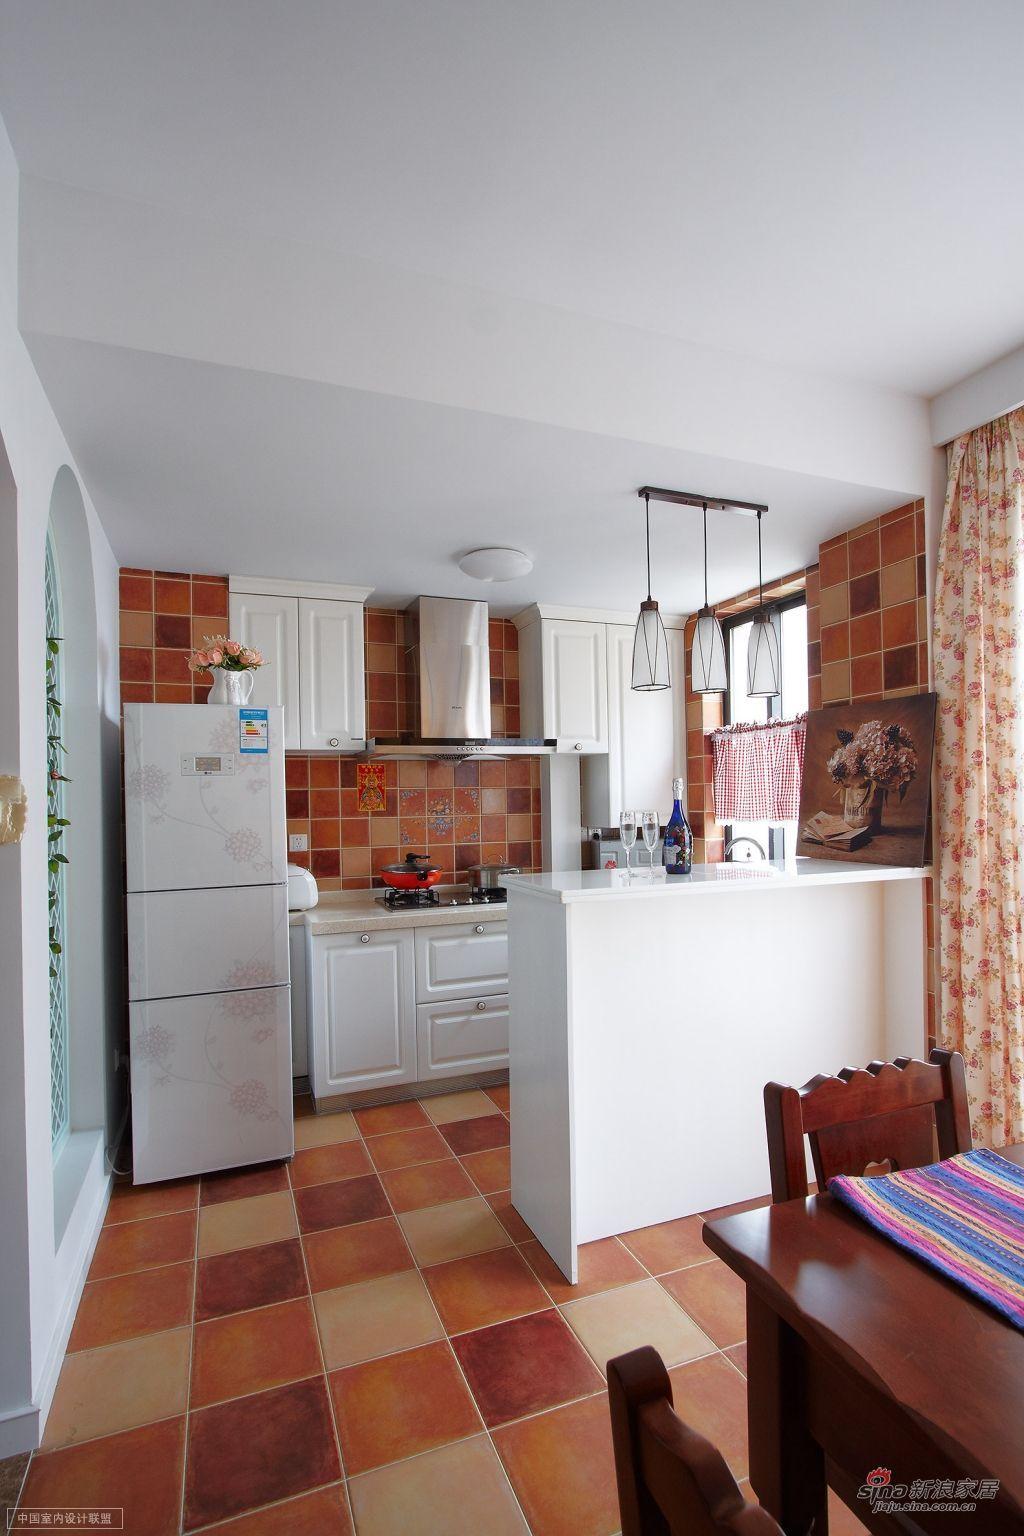 简约 厨房 135方二居田园自然居图片来自用户2558757937在卷卷的分享